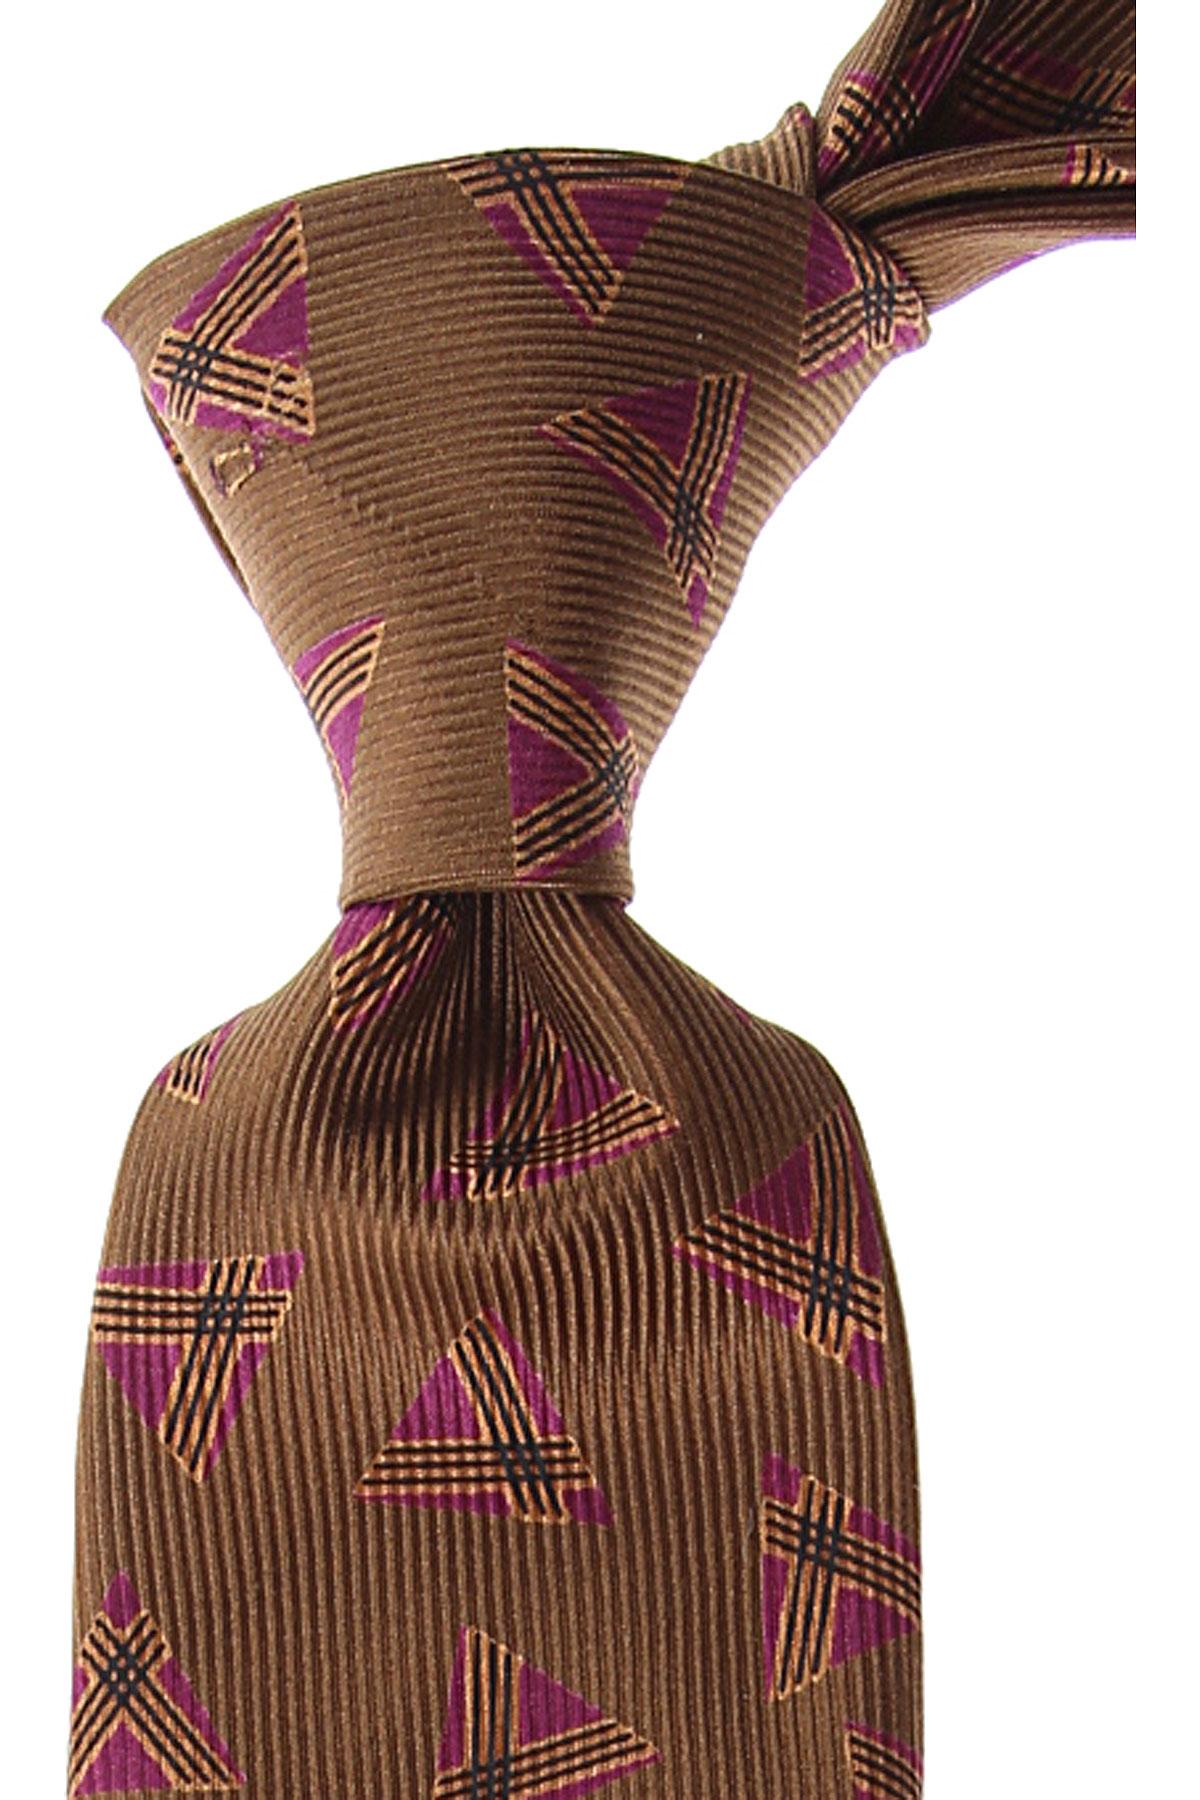 Moschino Cravates Pas cher en Soldes, Marron, Soie, 2021